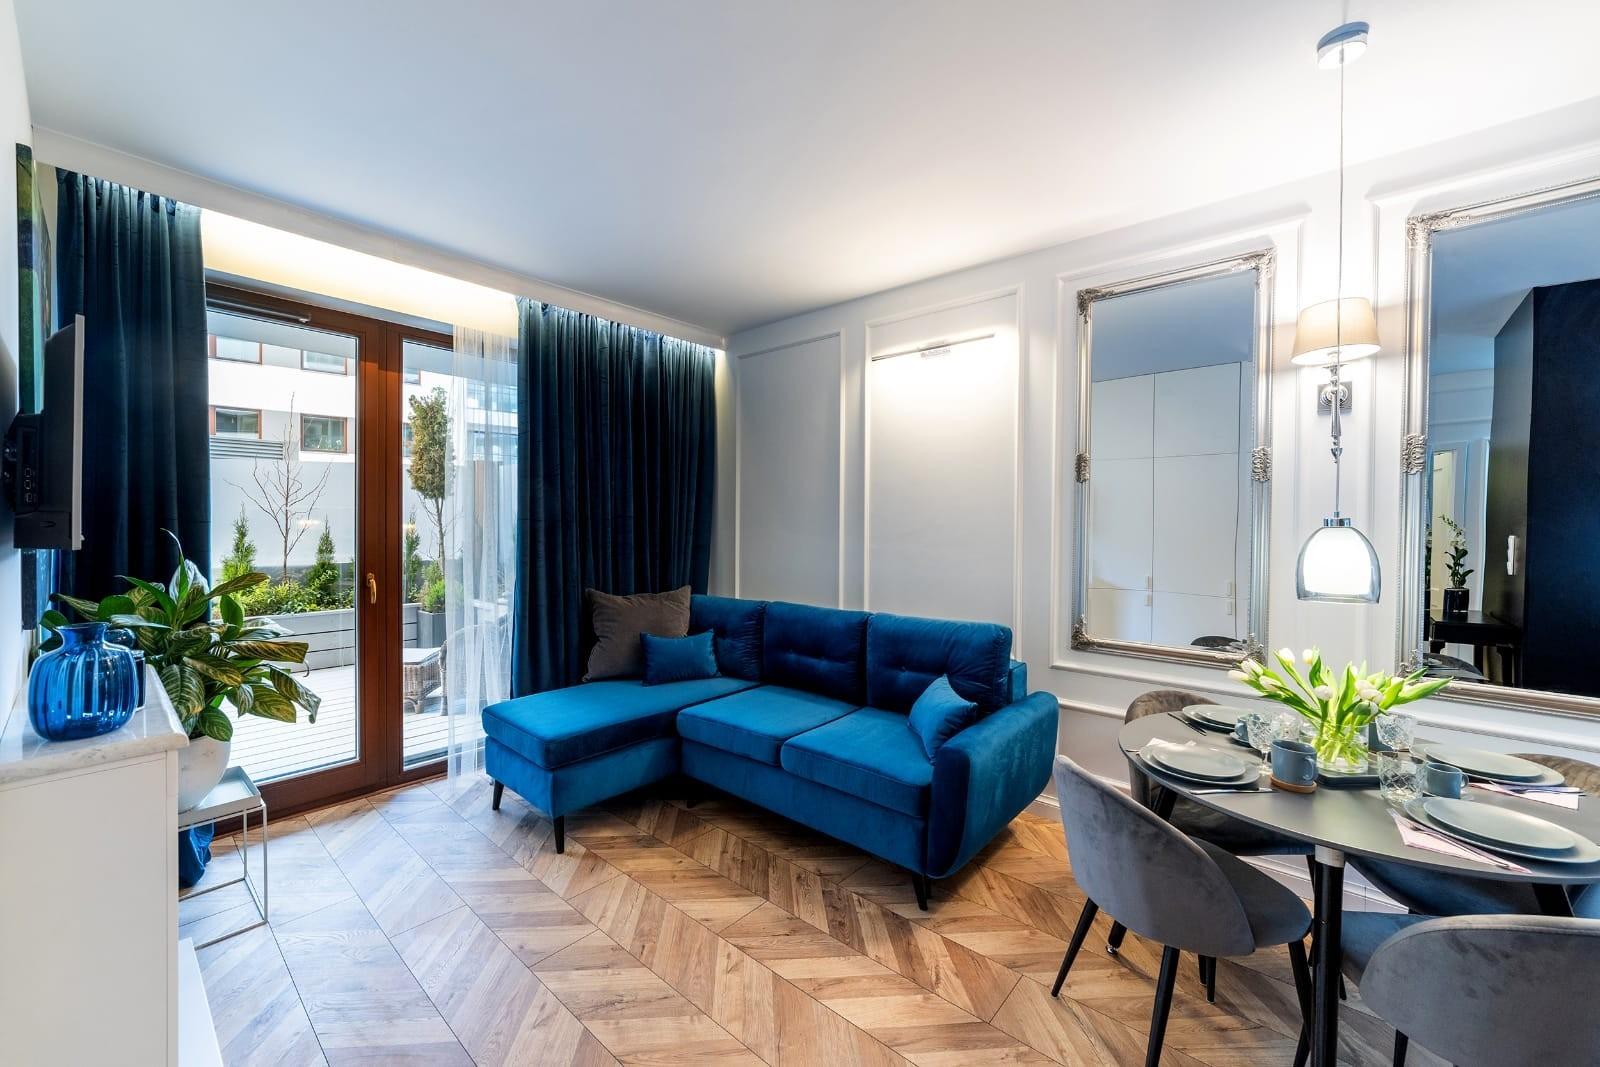 2-комнатная квартира 36 м2, Варшава